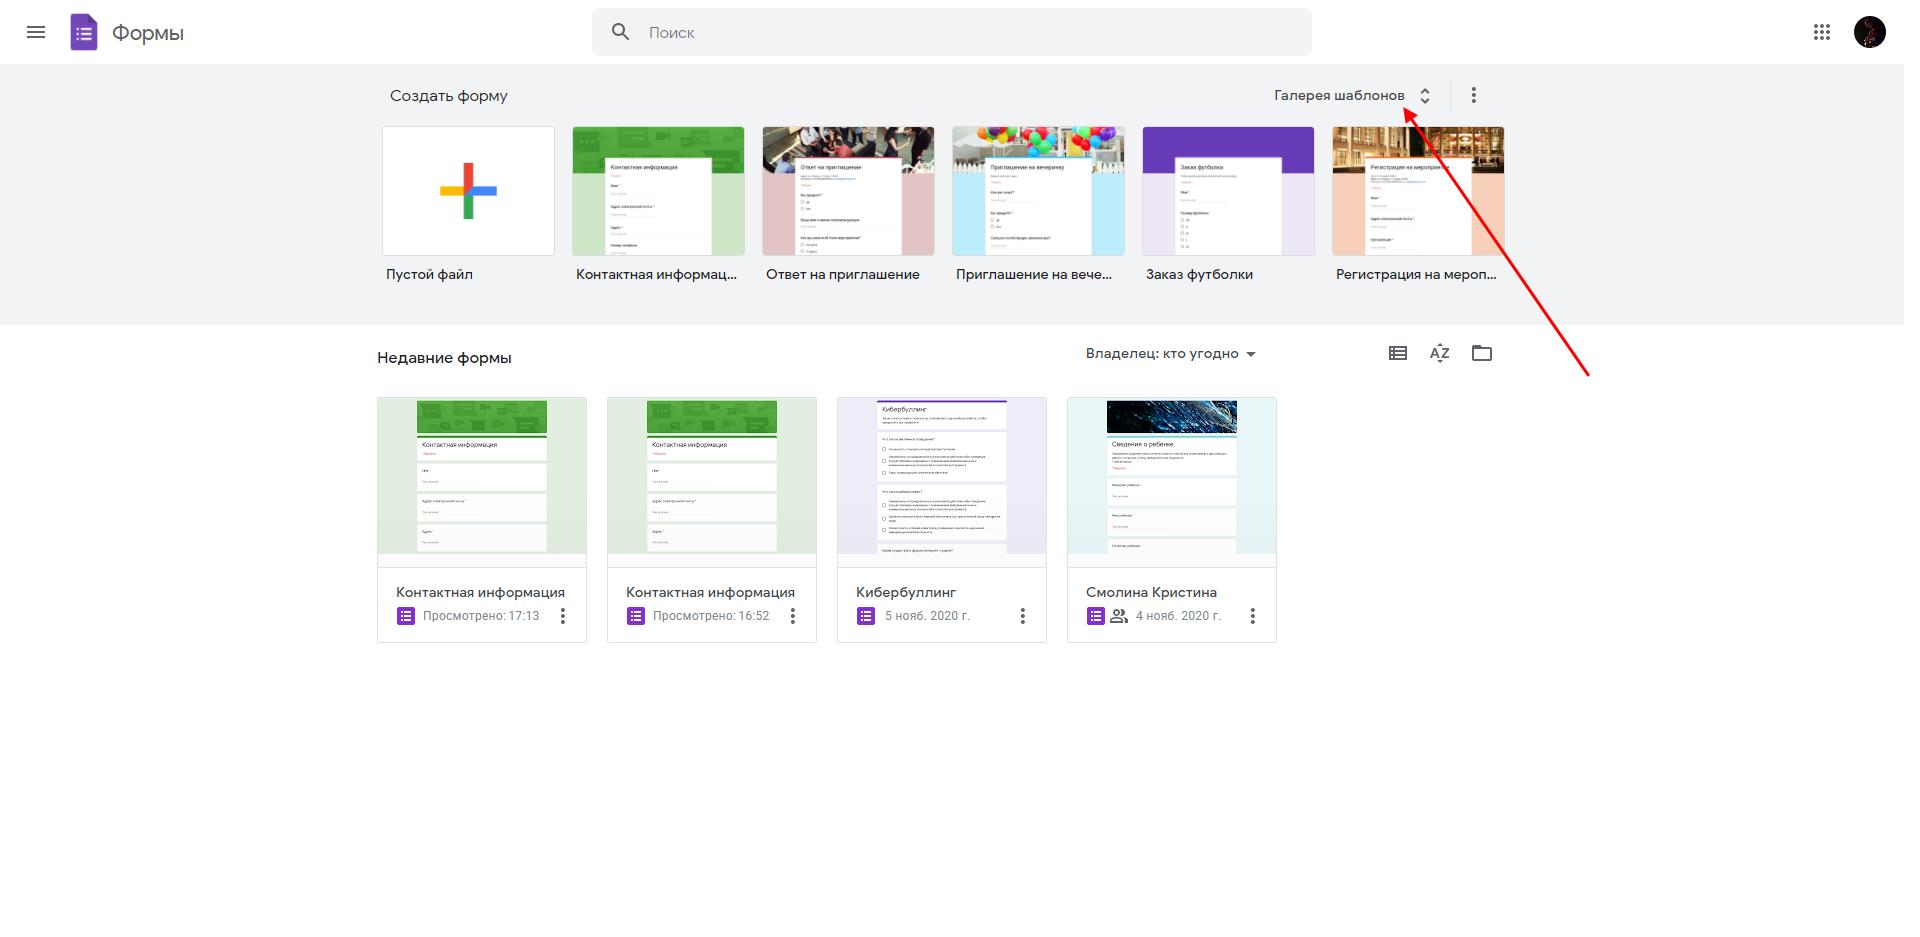 Как посмотреть шаблоны для Google Forms